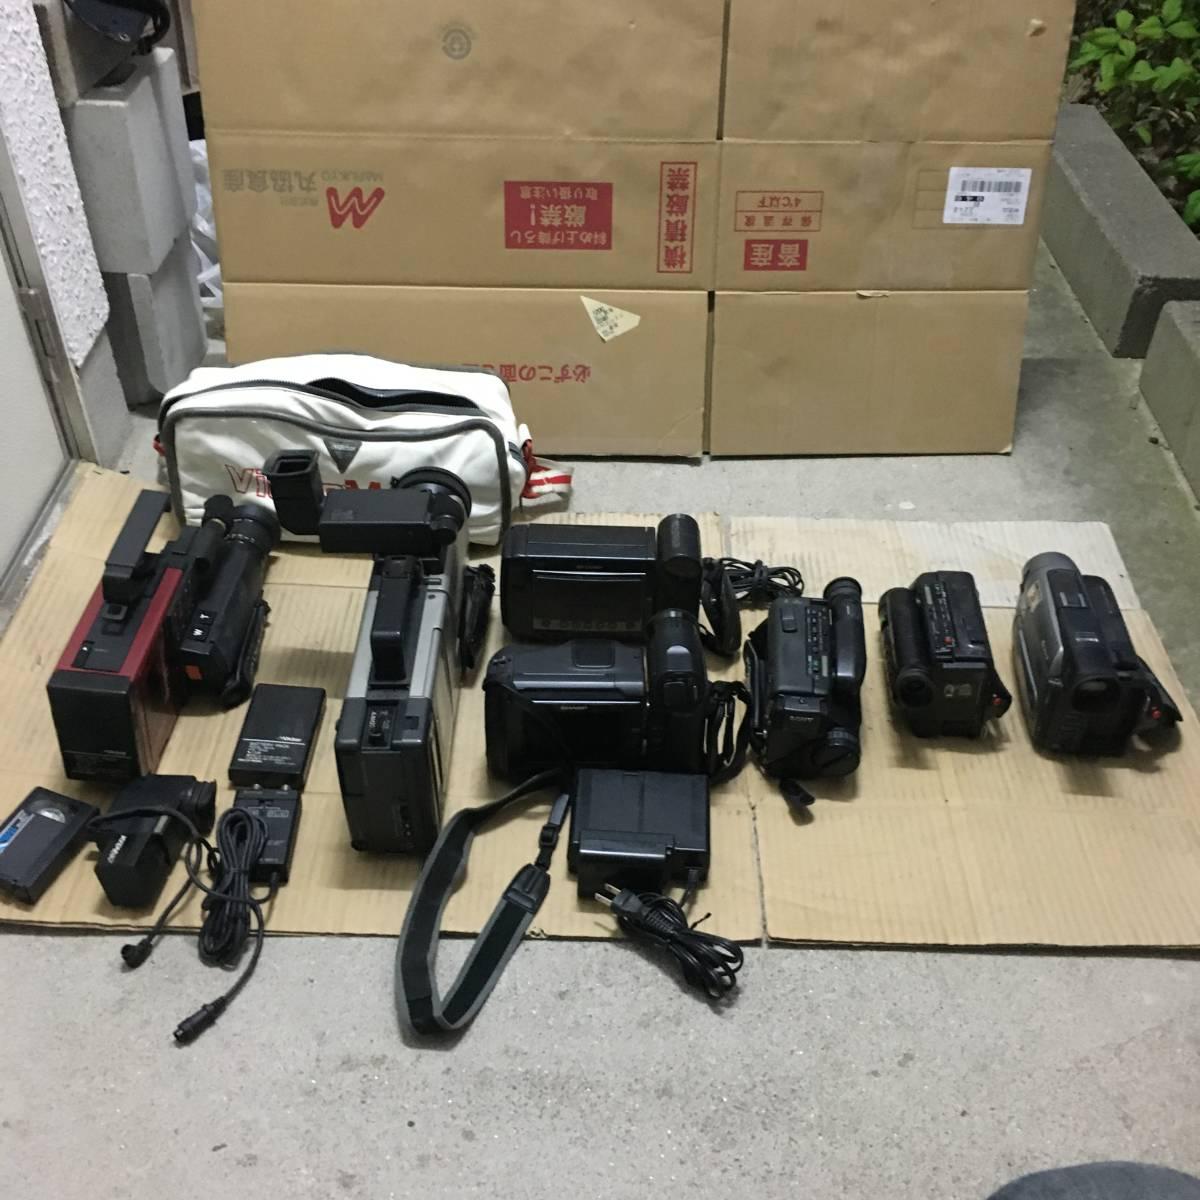 ビデオカメラ(41) 機種色々 Victor(VideoMovie) SONY(Video8,Handycam 3台) SHARP(Viewcam 2台)など まとめて 7台 部品取り ジャンク品_画像2